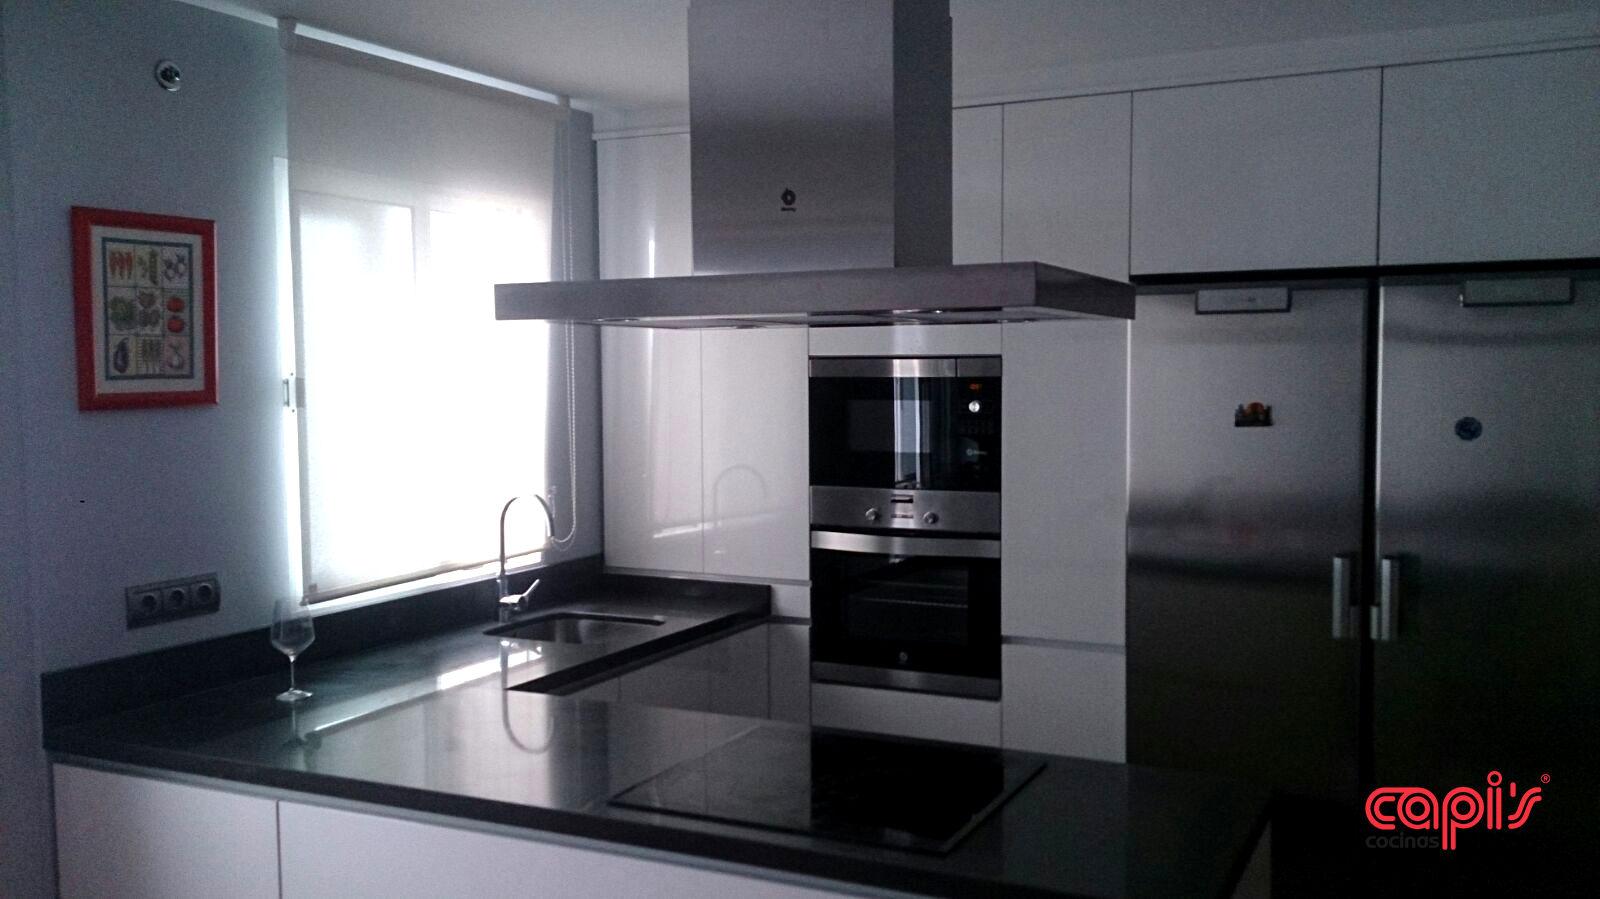 Cocina minimalista con un toque marengo - Cocinas Capis, diseño y ...